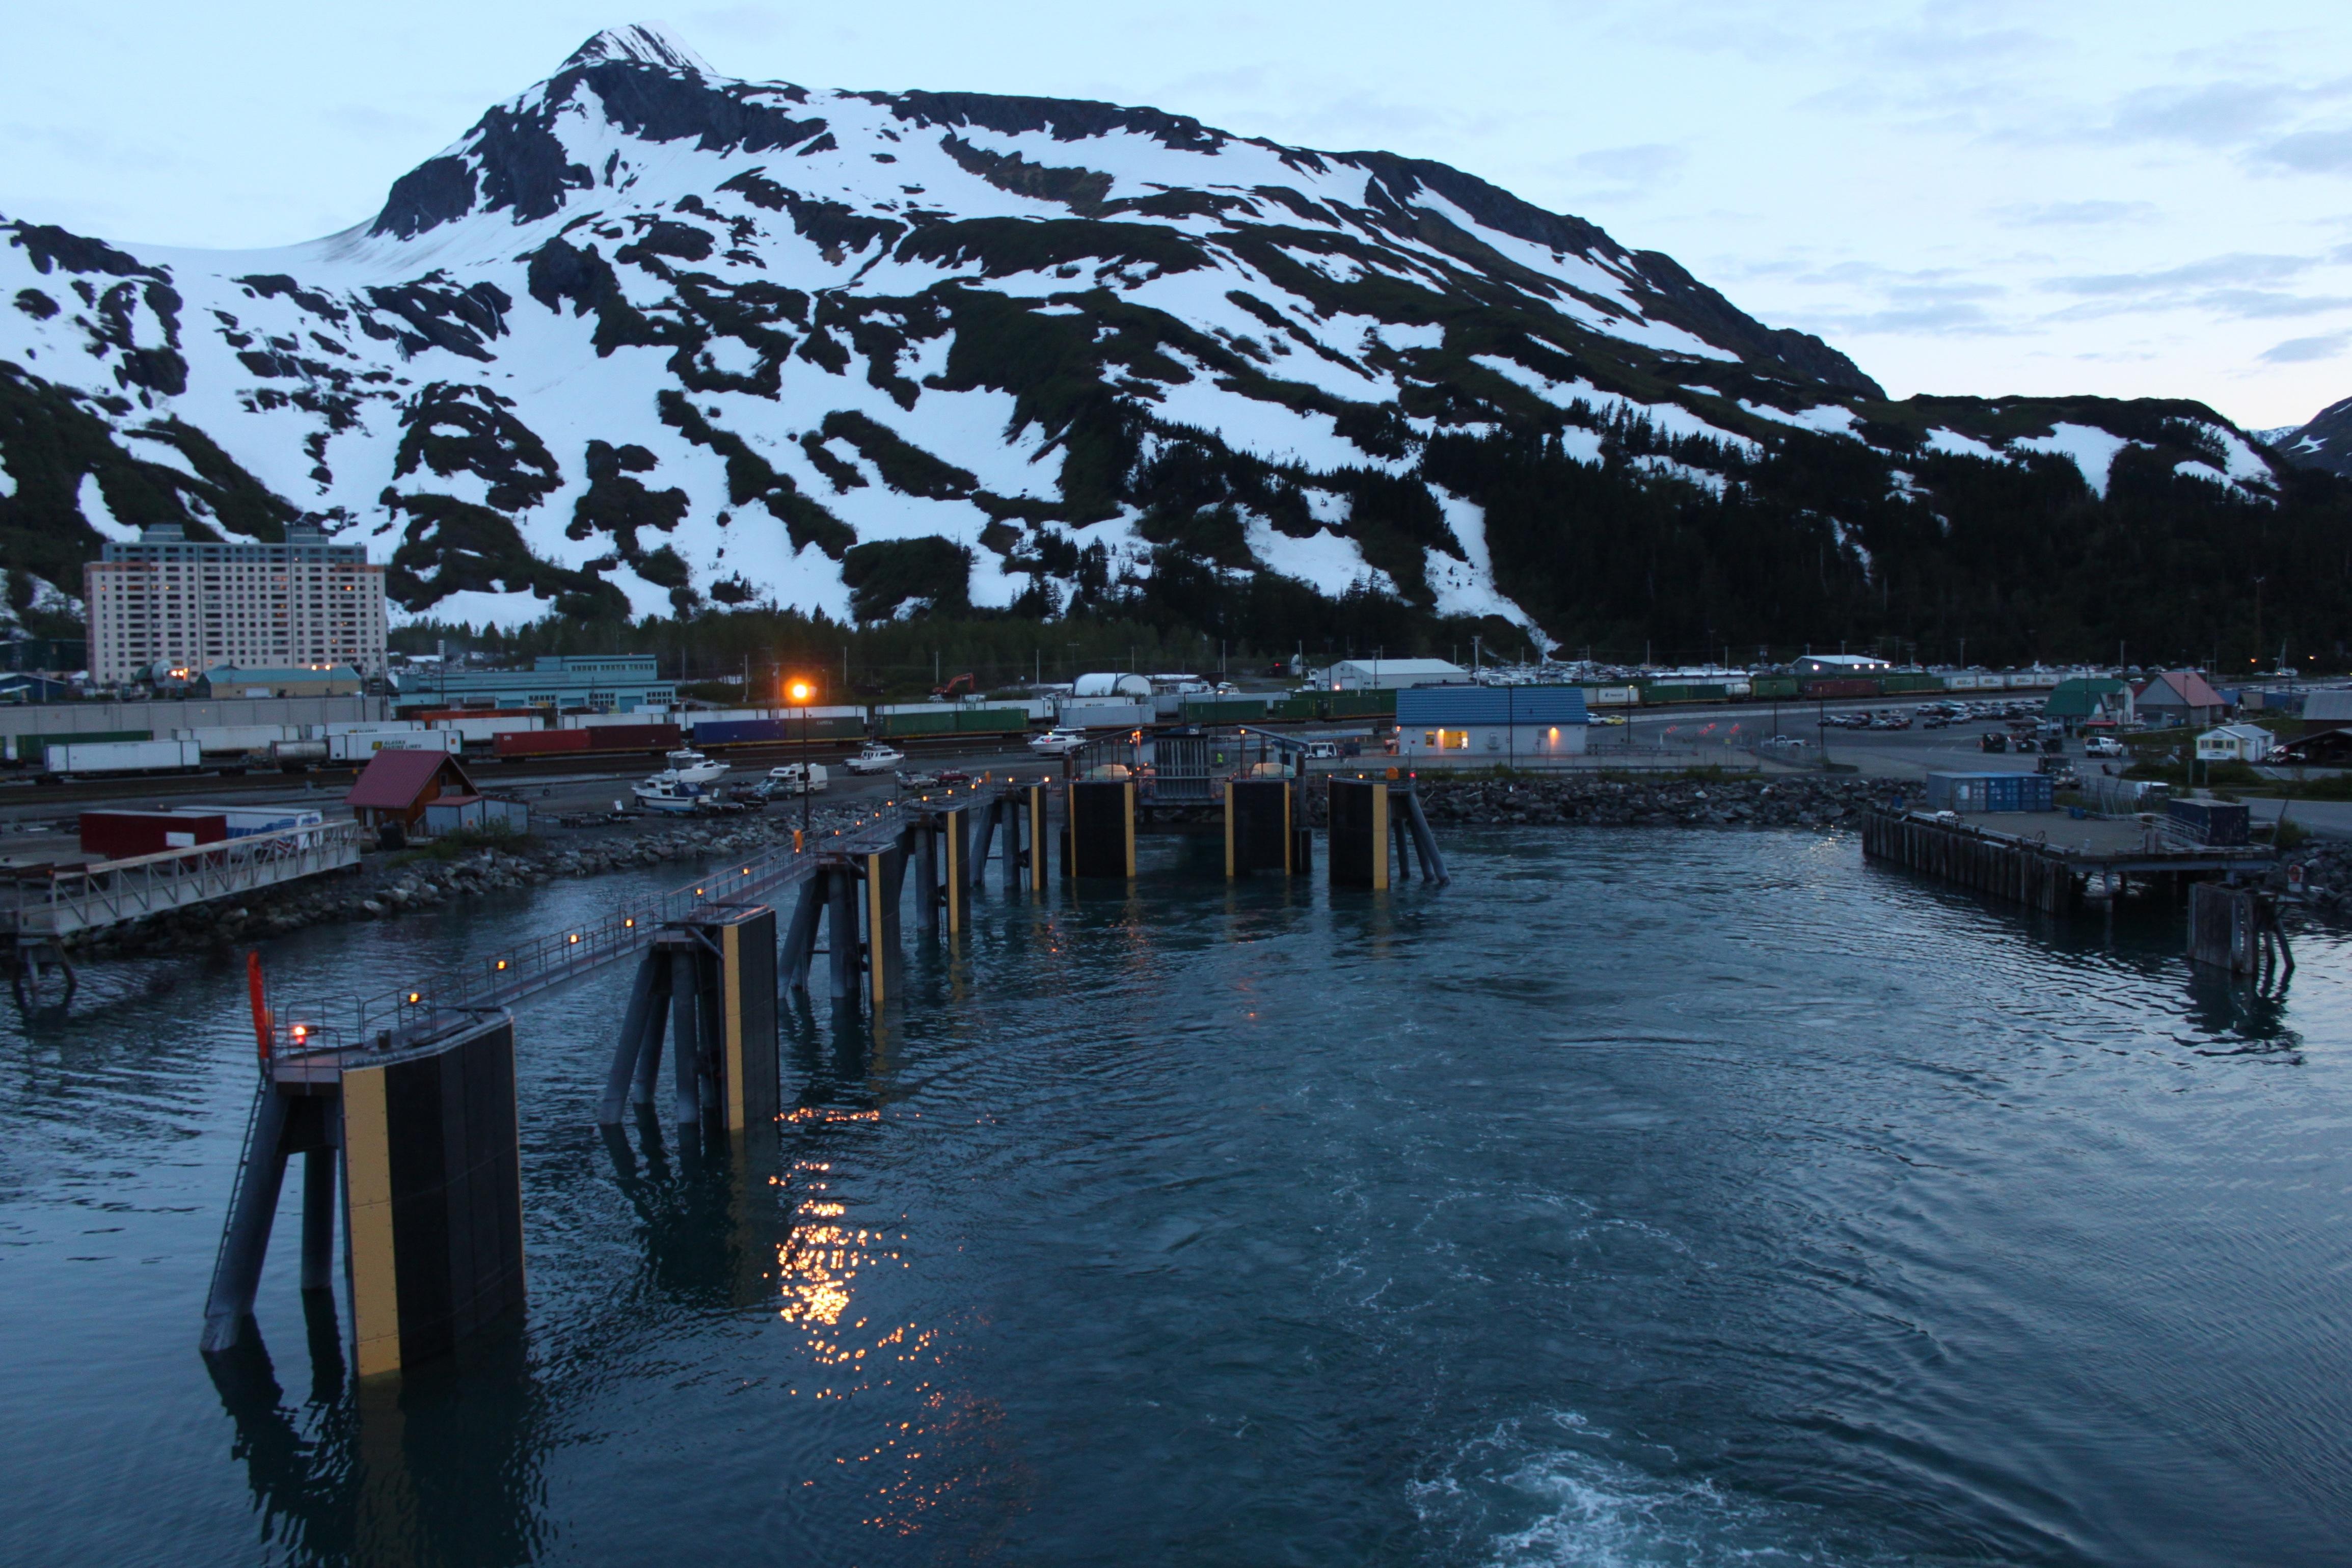 Alaska Marine Highway: Departing Whittier, Alaska